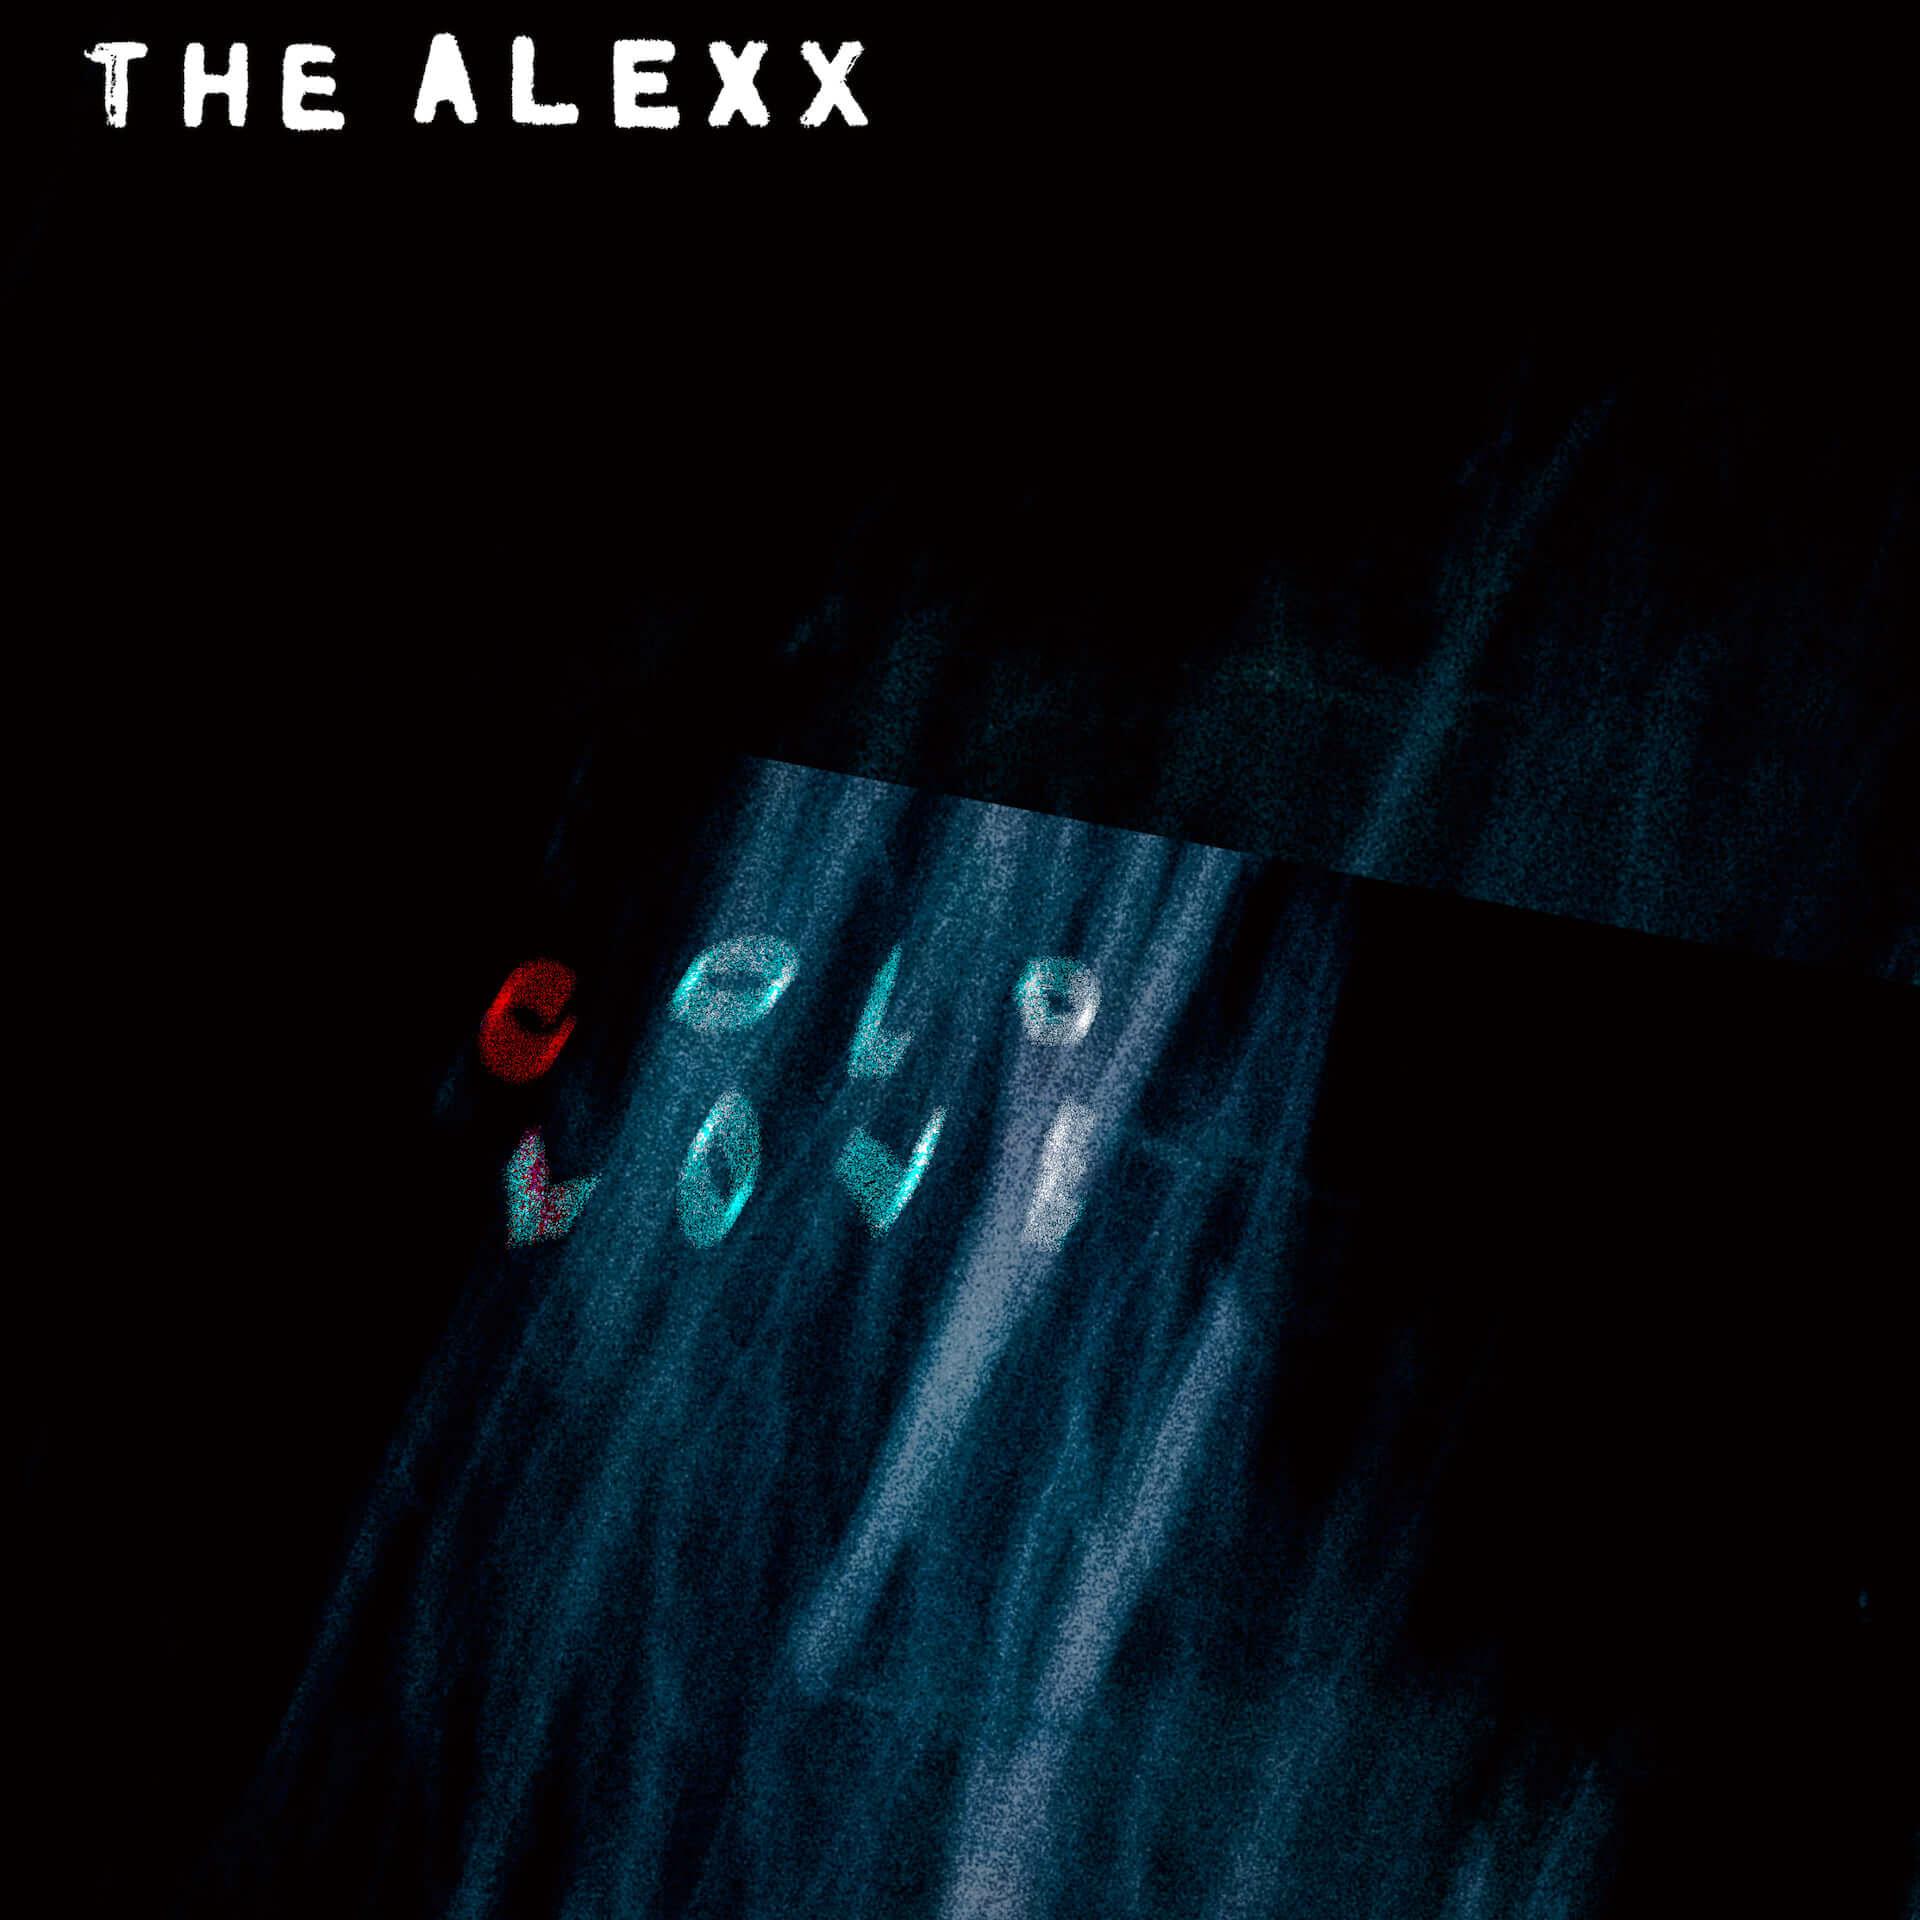 """THE ALEXXの新曲""""COLD LOVE""""がリリース決定!カップリングにはダブ・リミックス・バージョンも収録 lf210205_thealexx_1-1920x1920"""